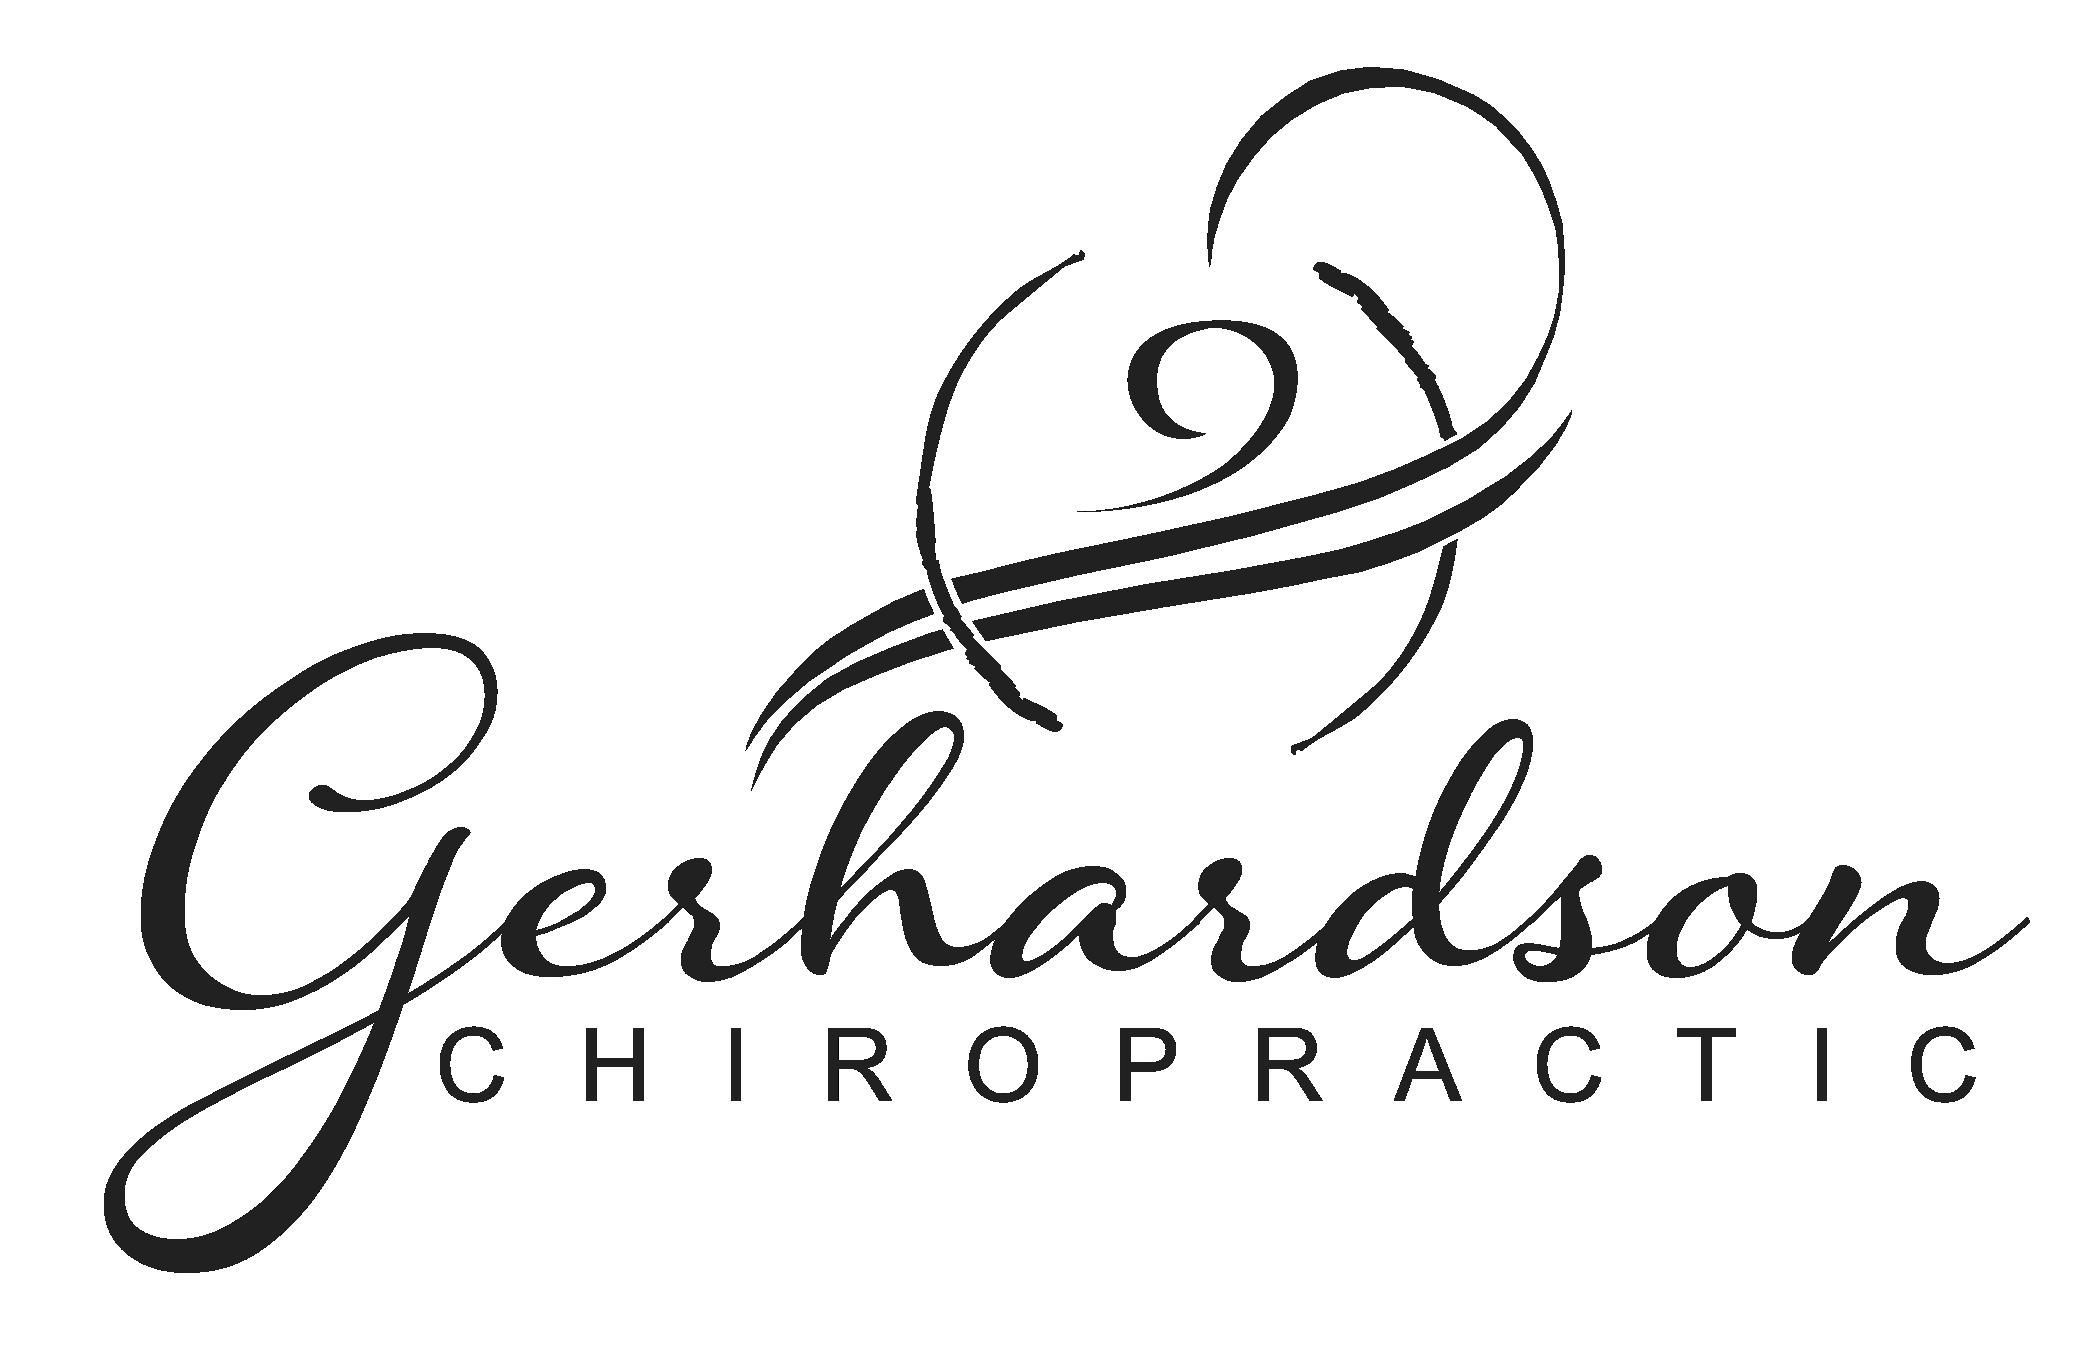 Gerhardson Chiropractic